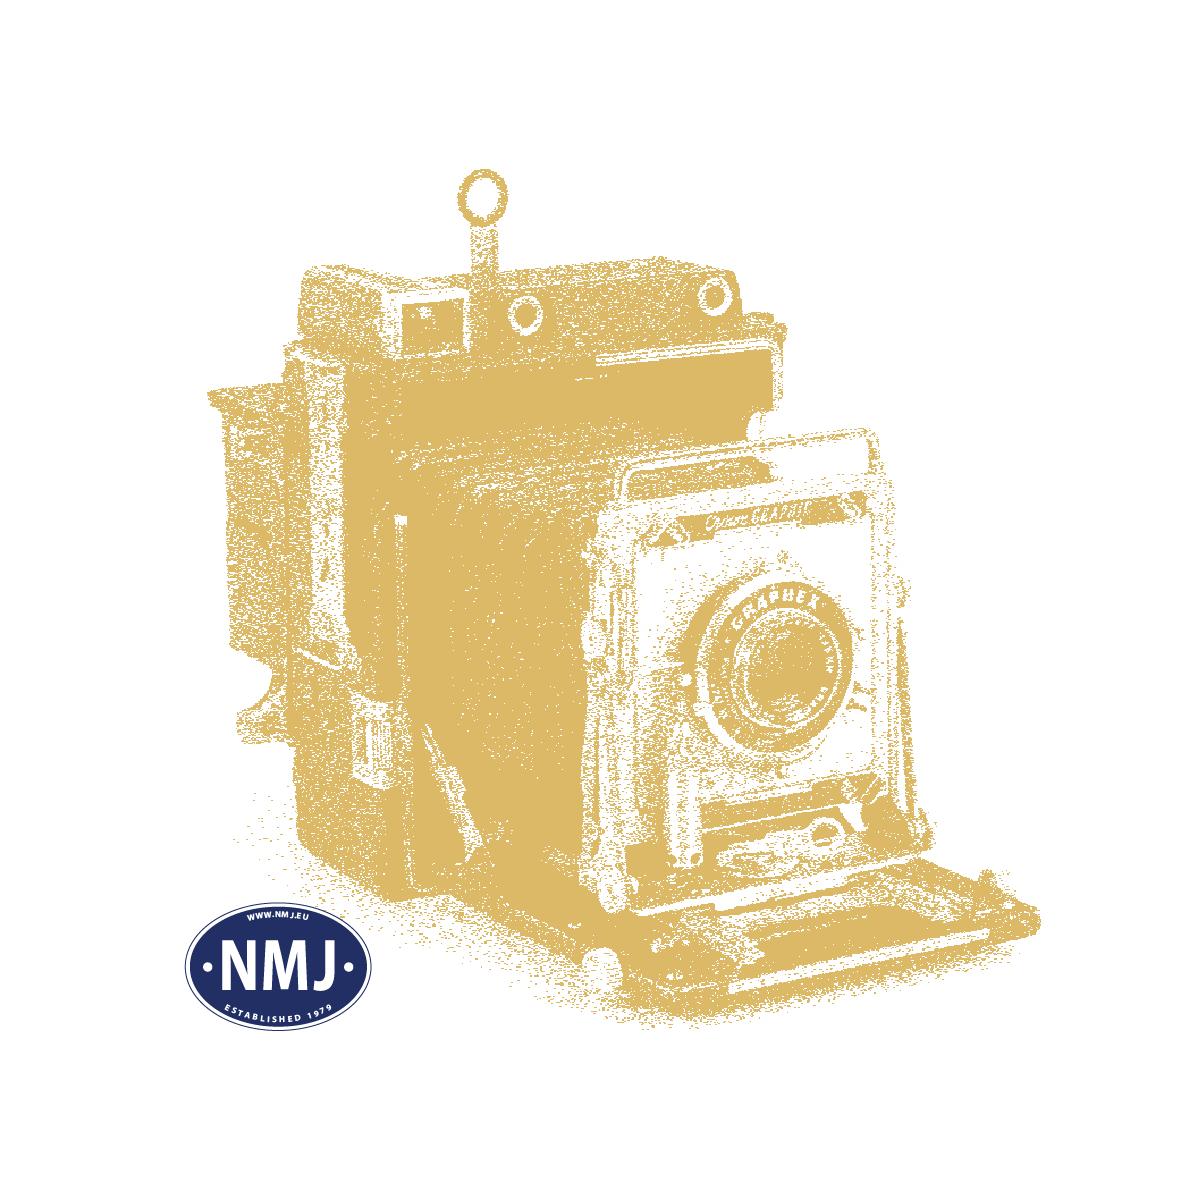 NMJS68B-2 - NMJ Superline NSB BM 68B, Nydesign, 3-vognsett, DCC Digital